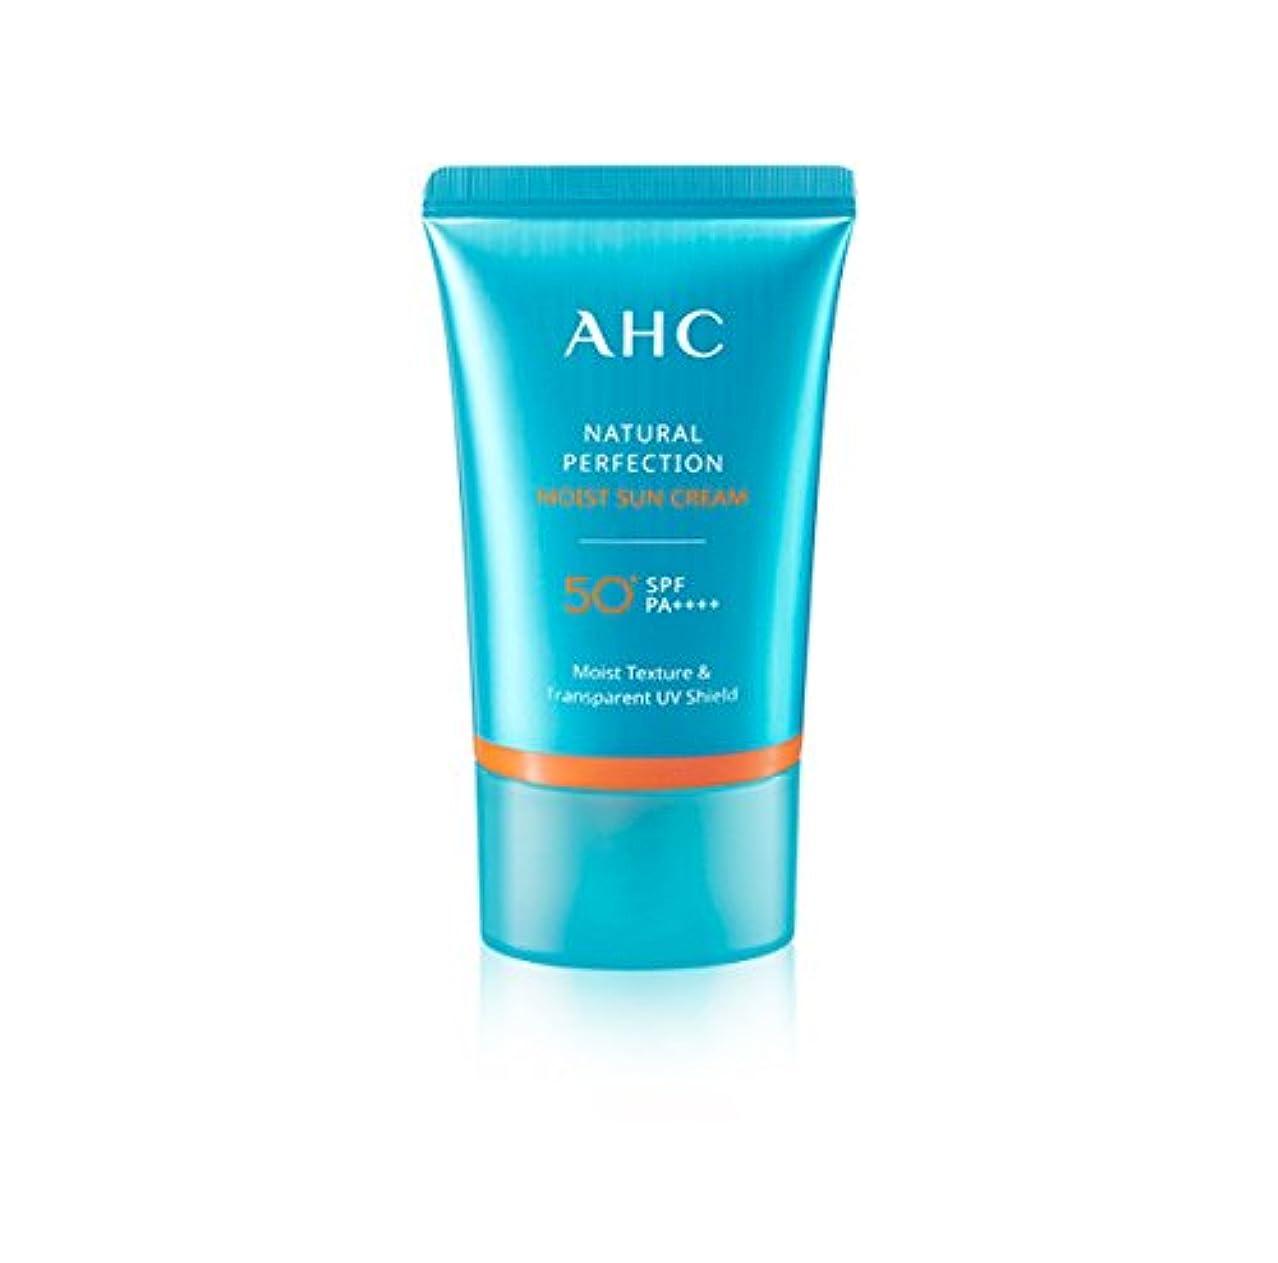 猟犬残高狂ったAHC Natural Perfection Moist Sun Cream 50ml/AHC ナチュラル パーフェクション モイスト サン クリーム 50ml [並行輸入品]